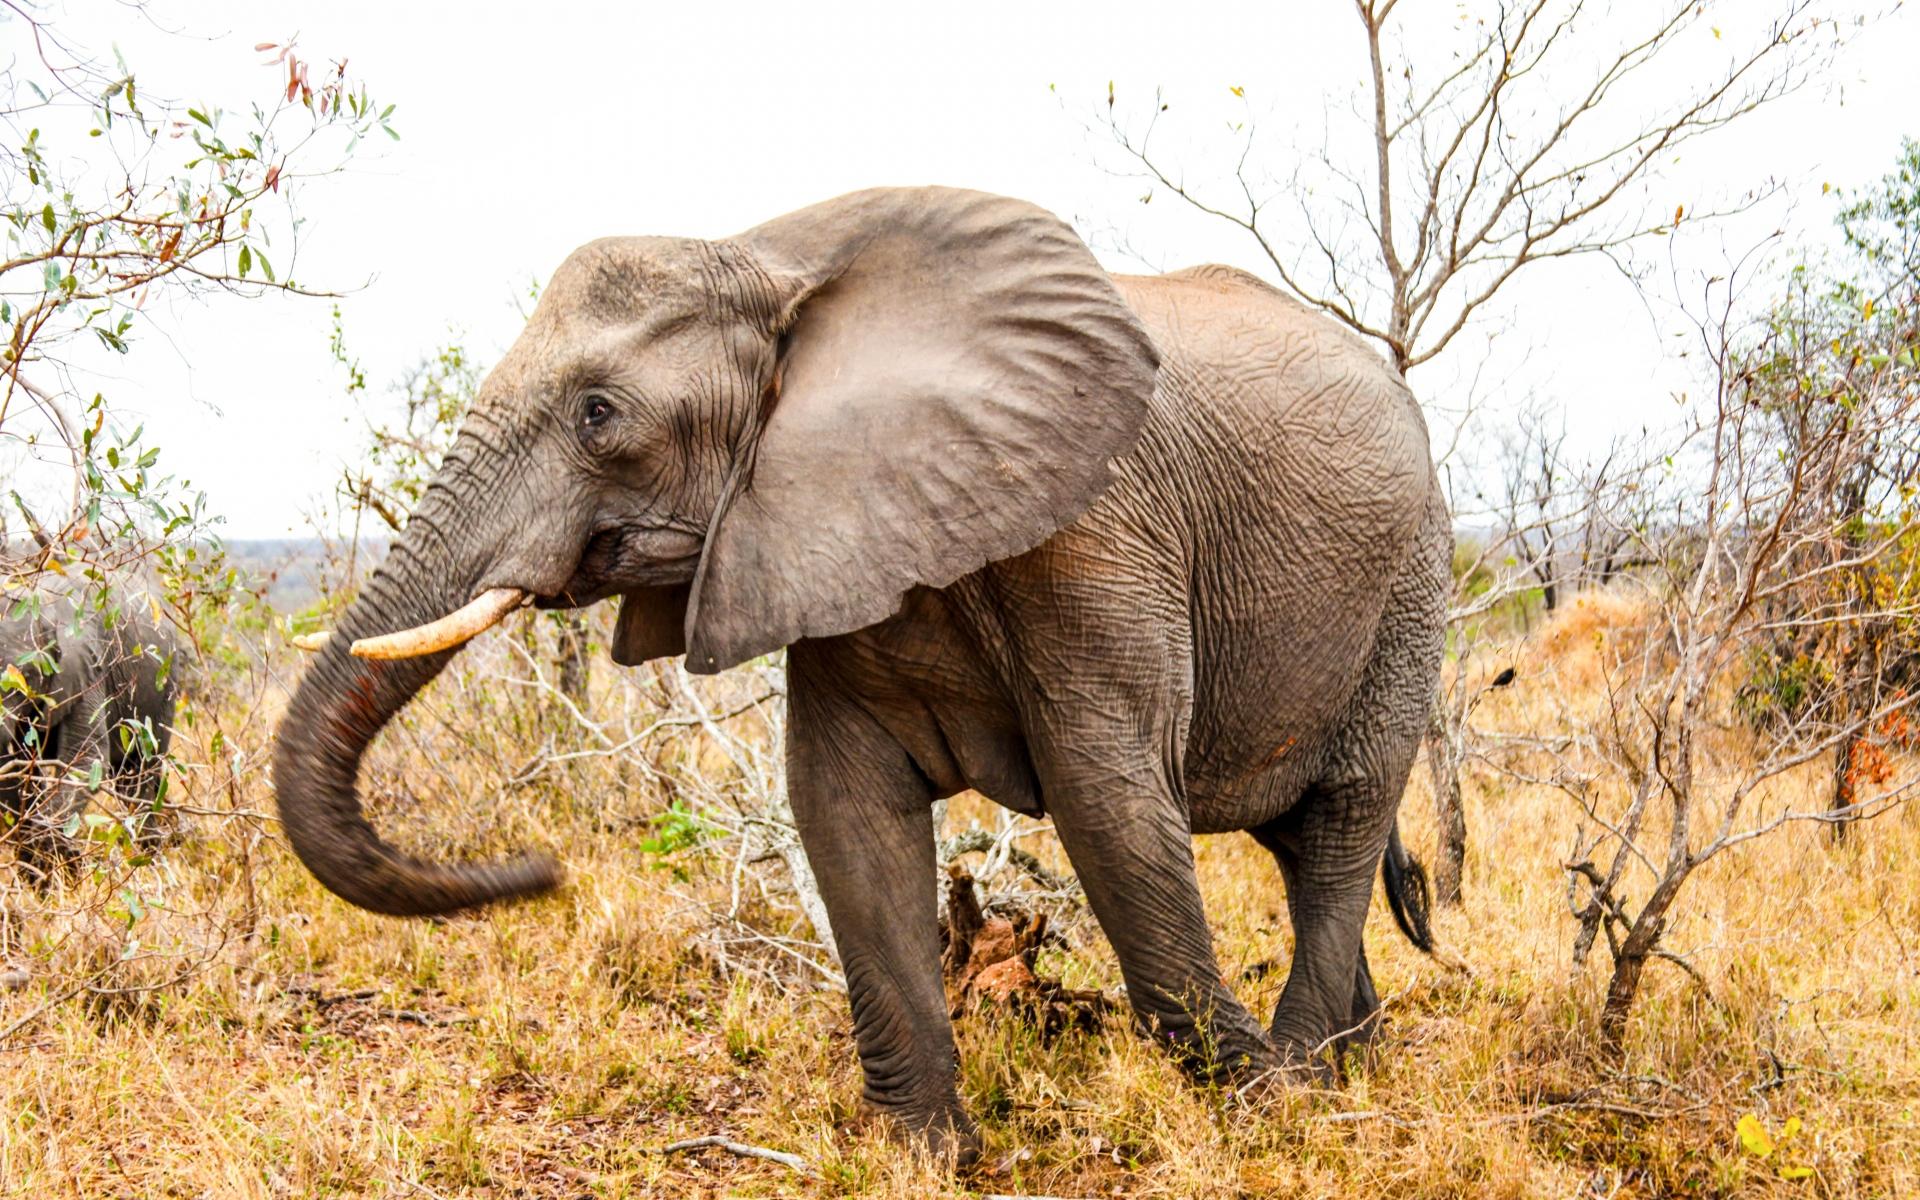 Картинки Слон, ствол, трава, прогулка фото и обои на рабочий стол